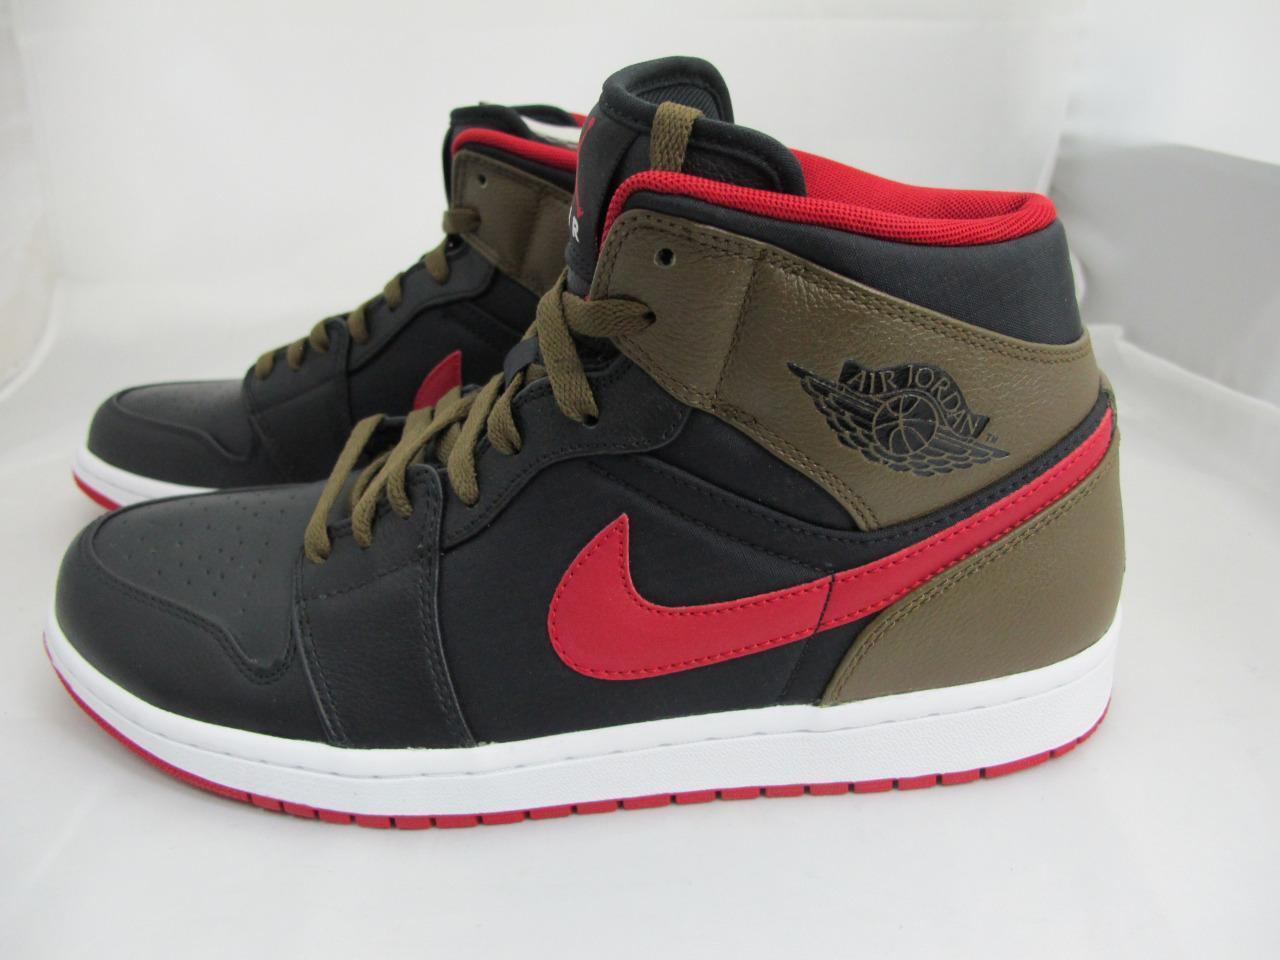 de nouveaux hommes est nike air jordanie 1 gym phat 364770-040 noir / gym 1 red-lght olive-white de nouvelles chaussures pour hommes et femmes, temps limité discount 0db897